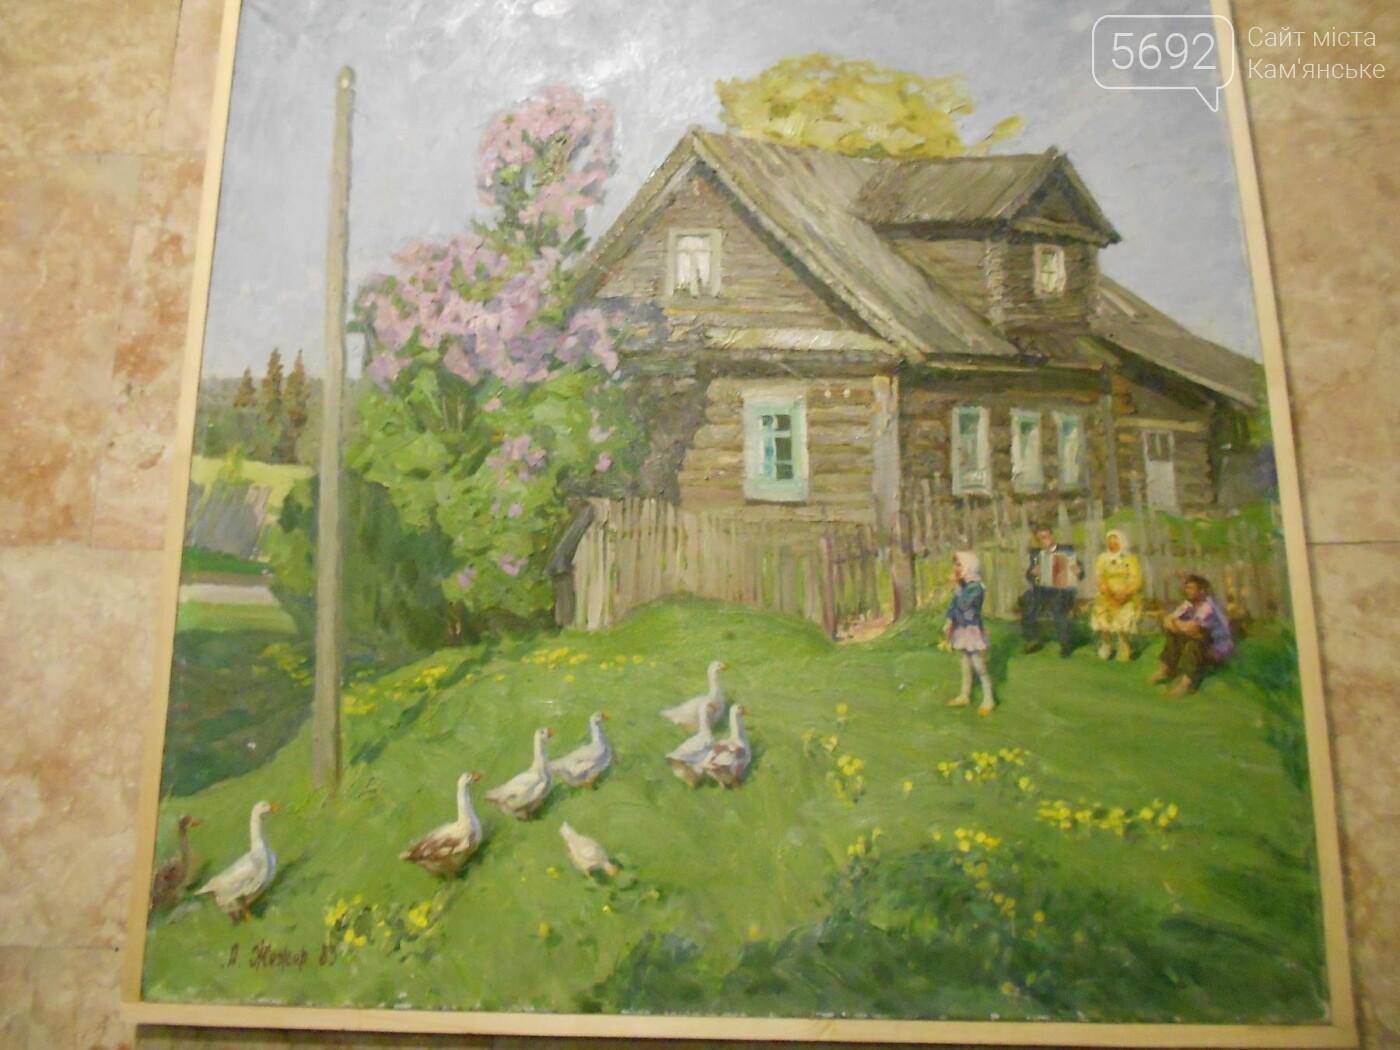 В Каменском открылась юбилейная выставка известного художника Анатолия Жежера, фото-21